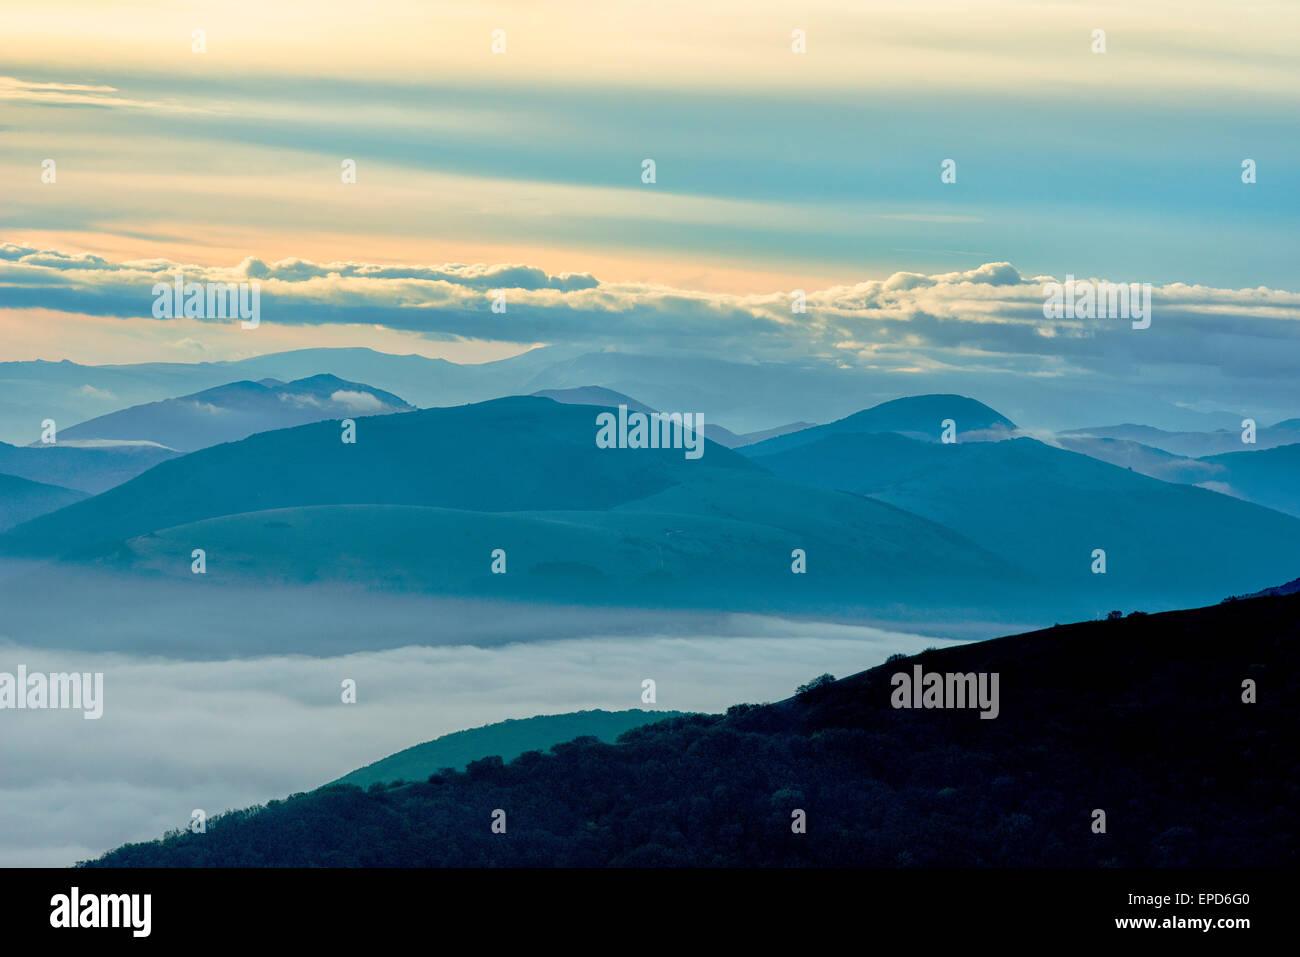 Silhouette de la montagne au lever du soleil, l'Apennin, Ombrie, Italie Photo Stock